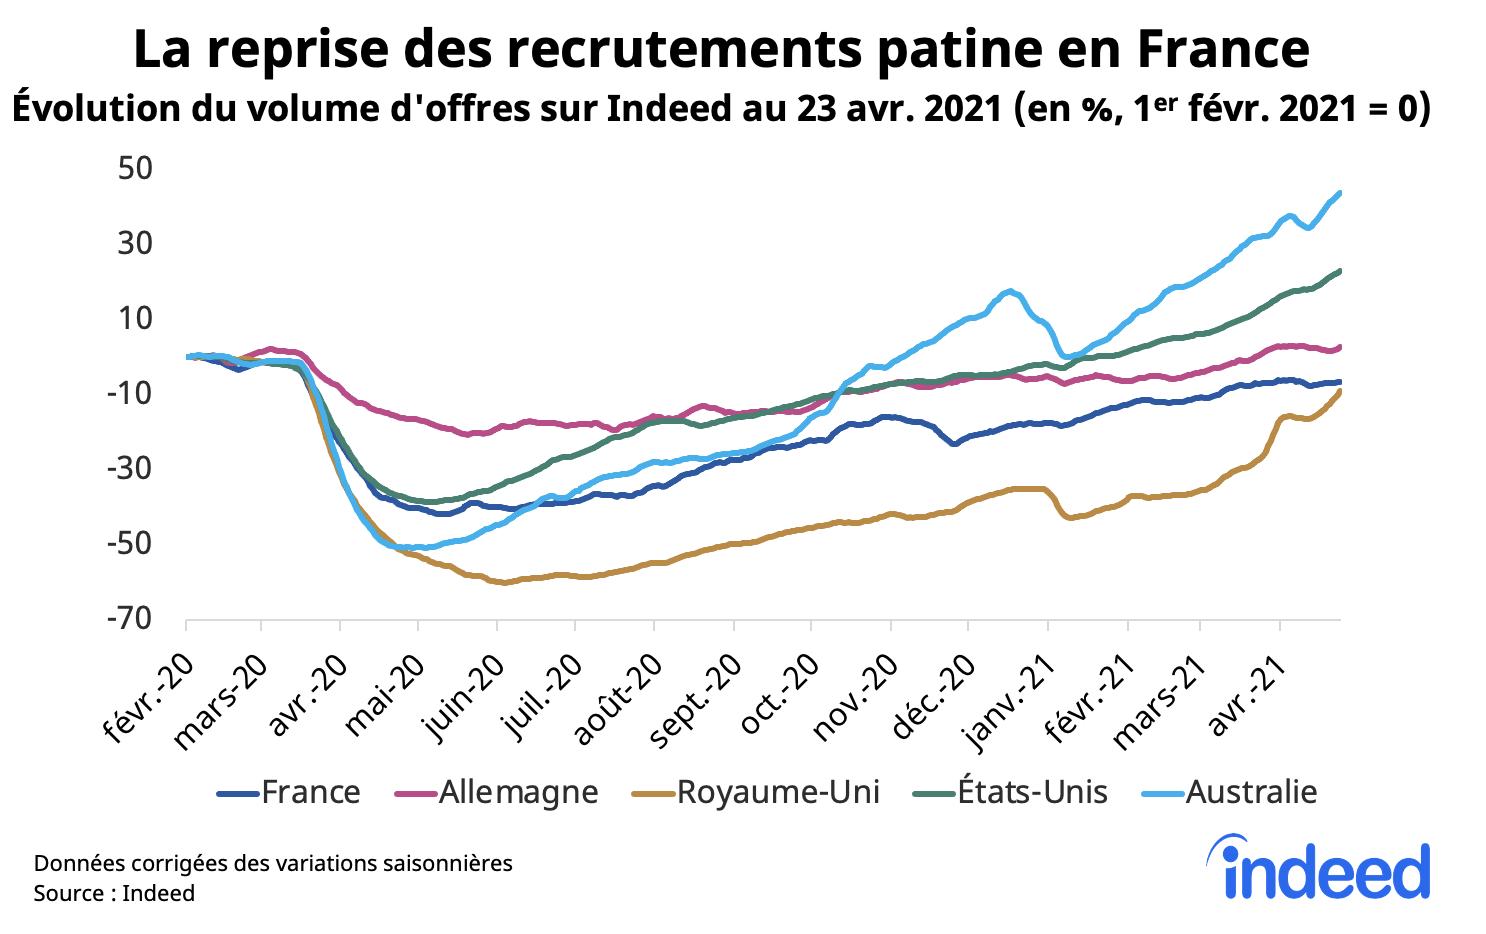 La reprise des recrutements patine en France